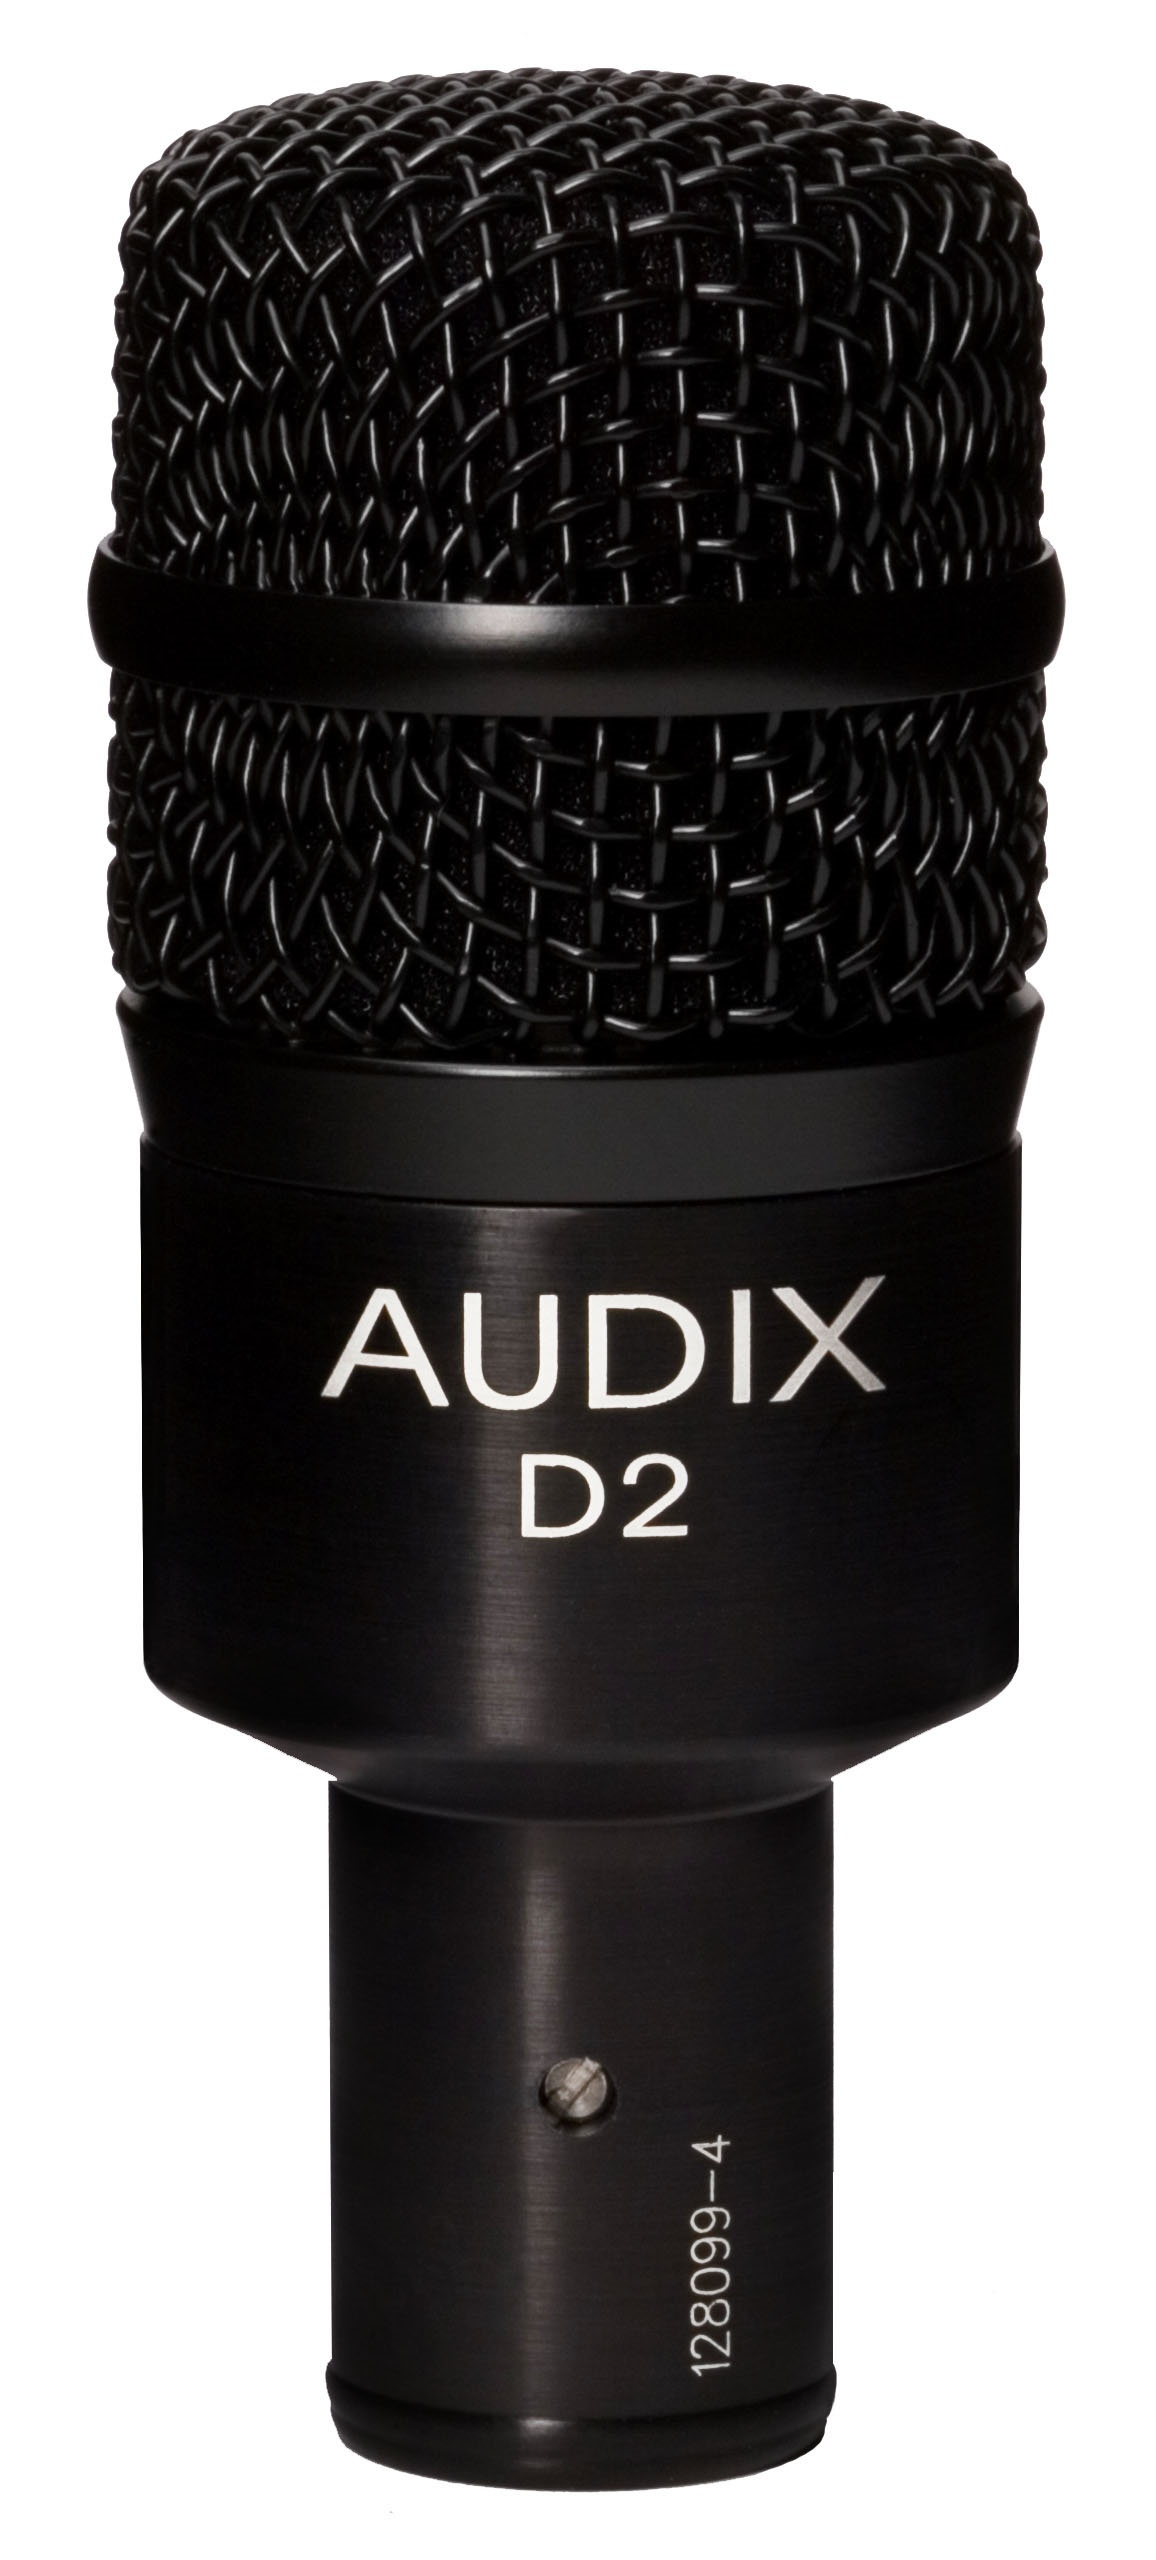 Audix D2